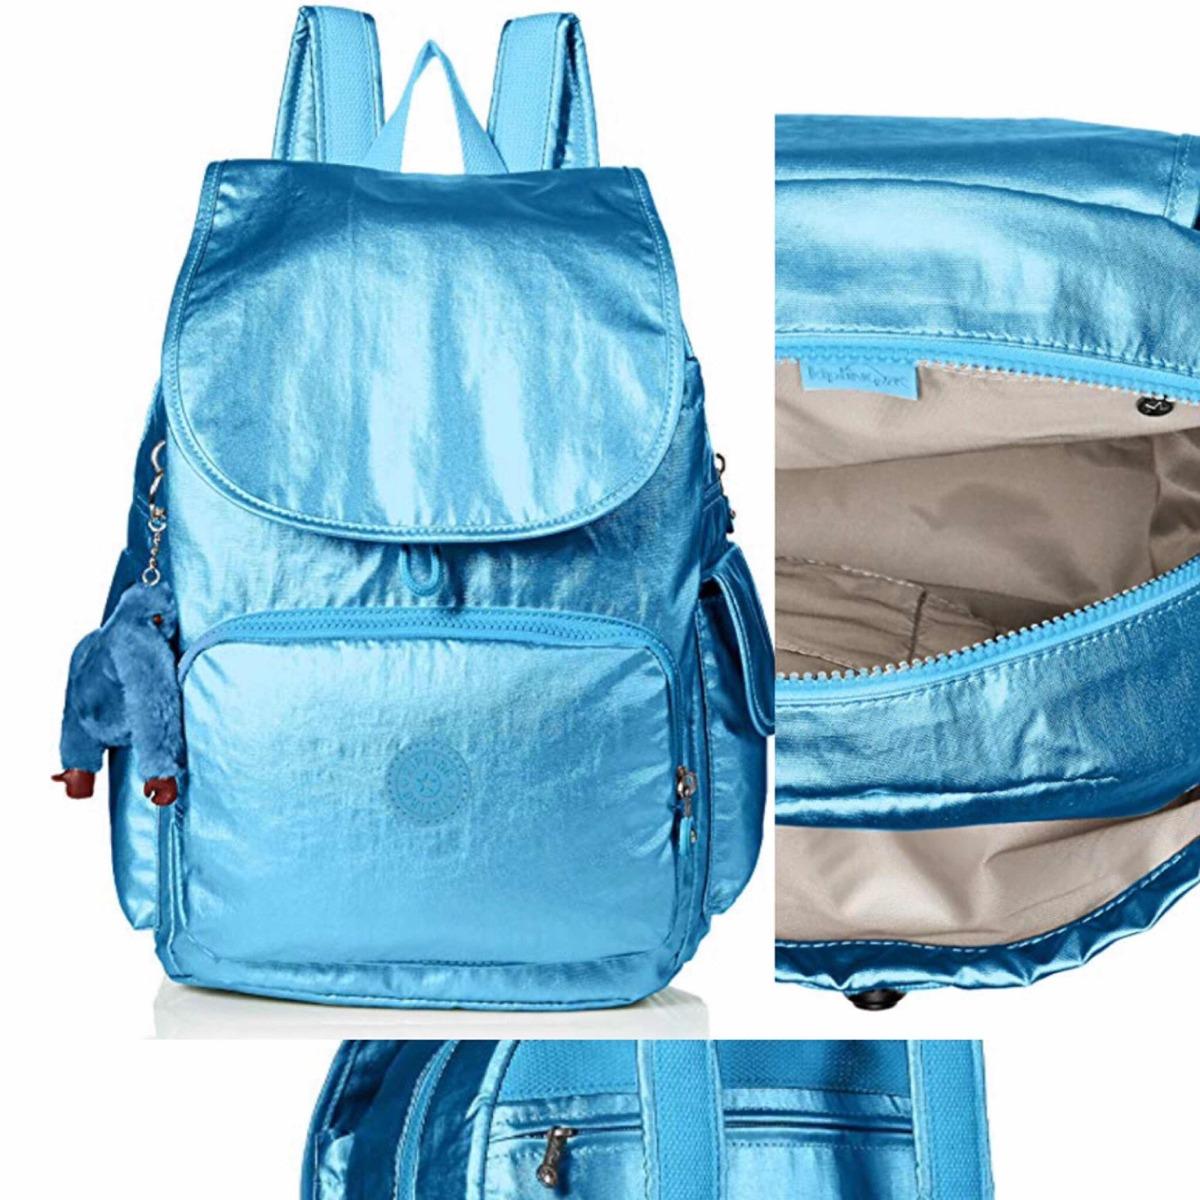 642e1d75f Mochila Kipling 100% Original Importado De Usa - S/ 388,00 en ...